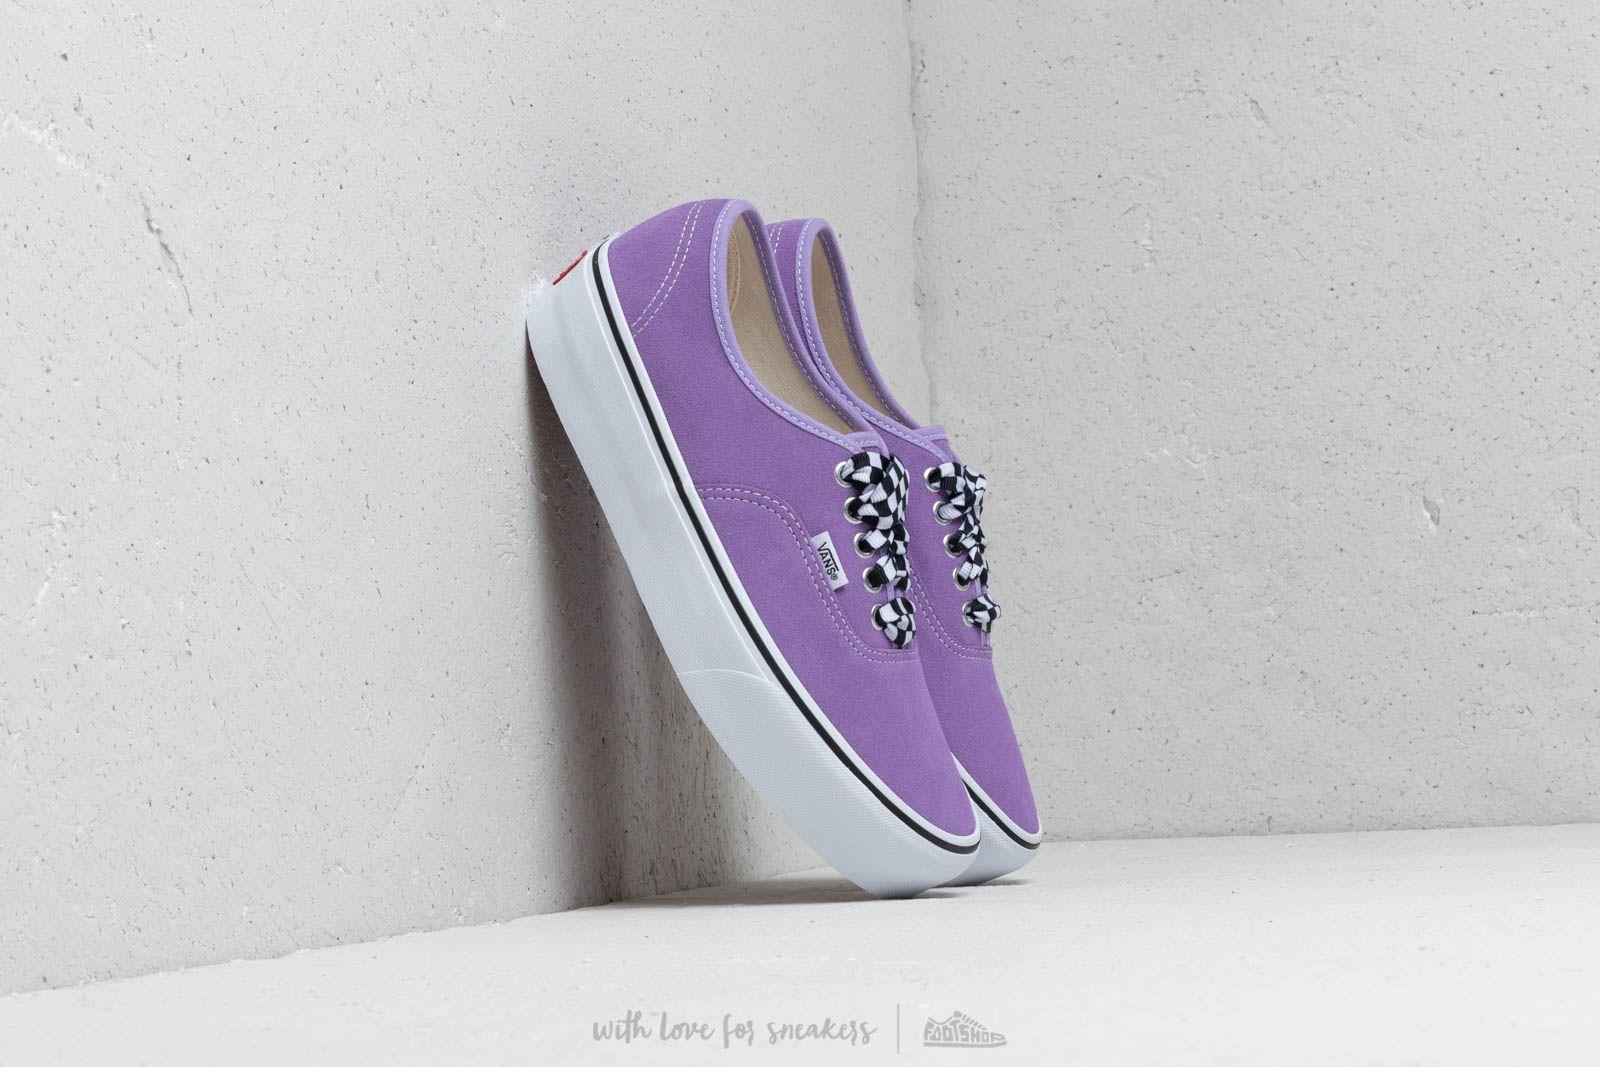 Pánské tenisky a boty Vans Authentic Platform (ChkrBrdlace) Viole